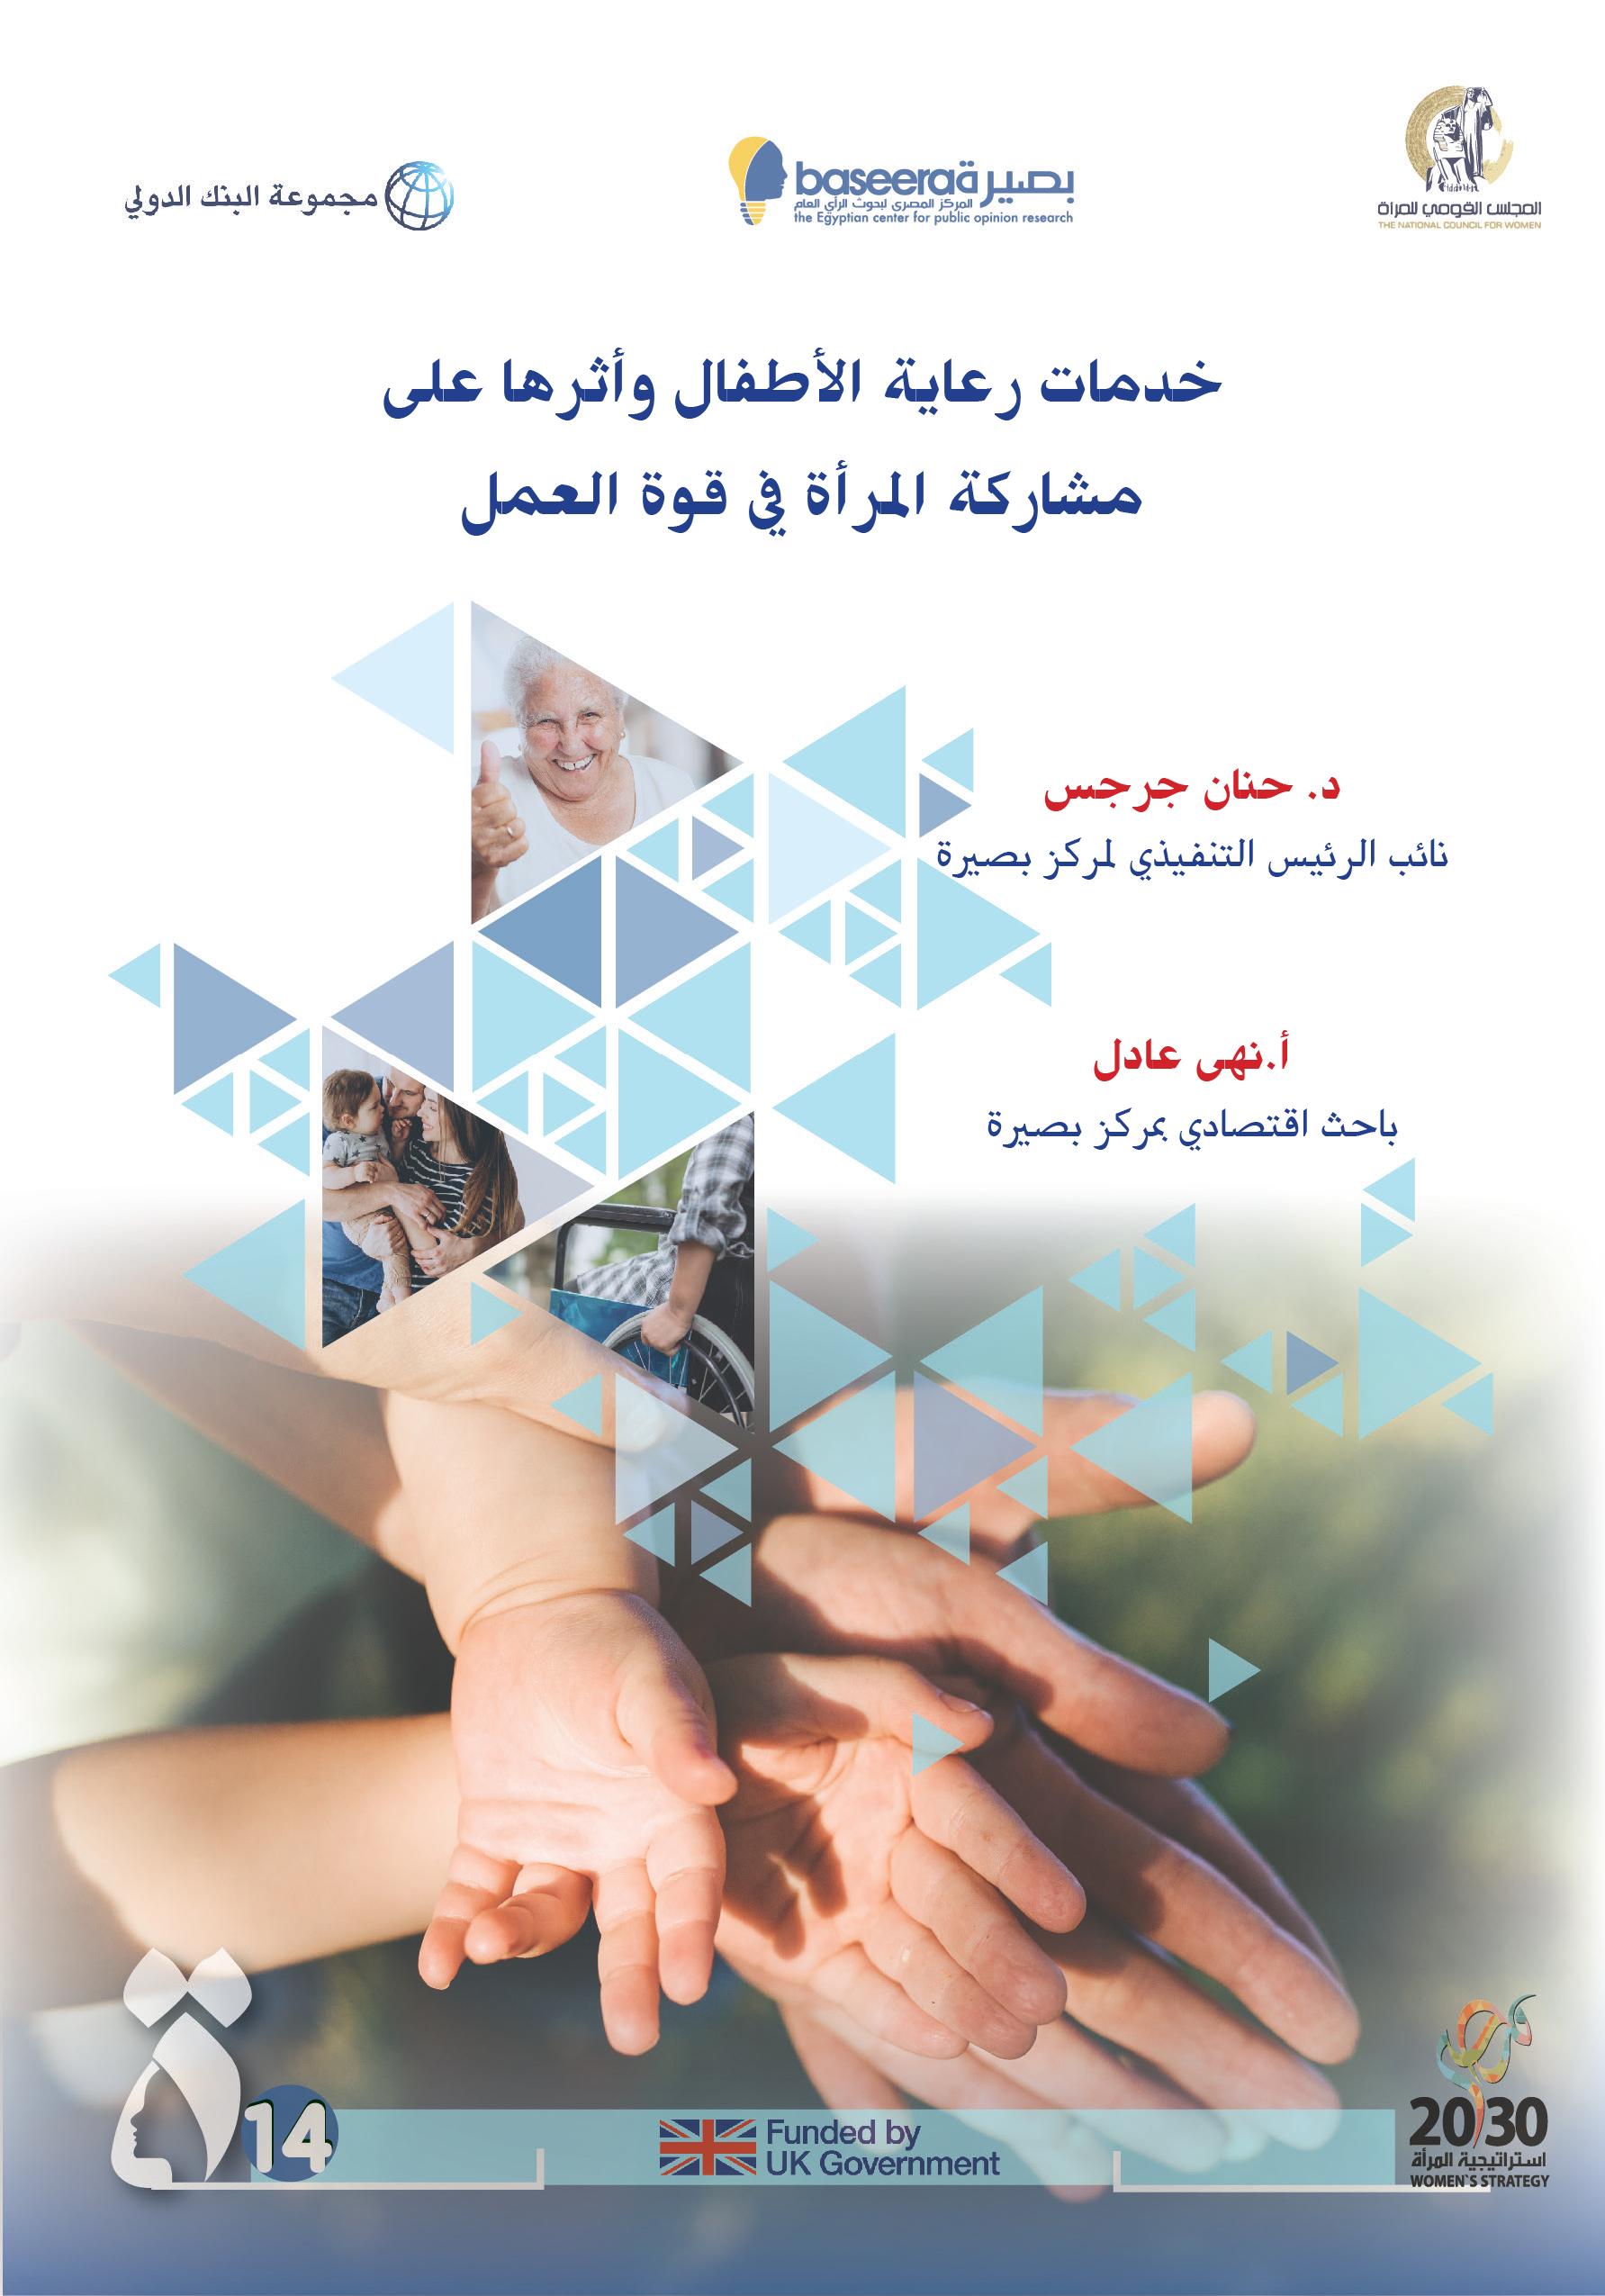 خدمات رعاية الأطفال وأثرها على مشاركة المرأة فى قوة العمل